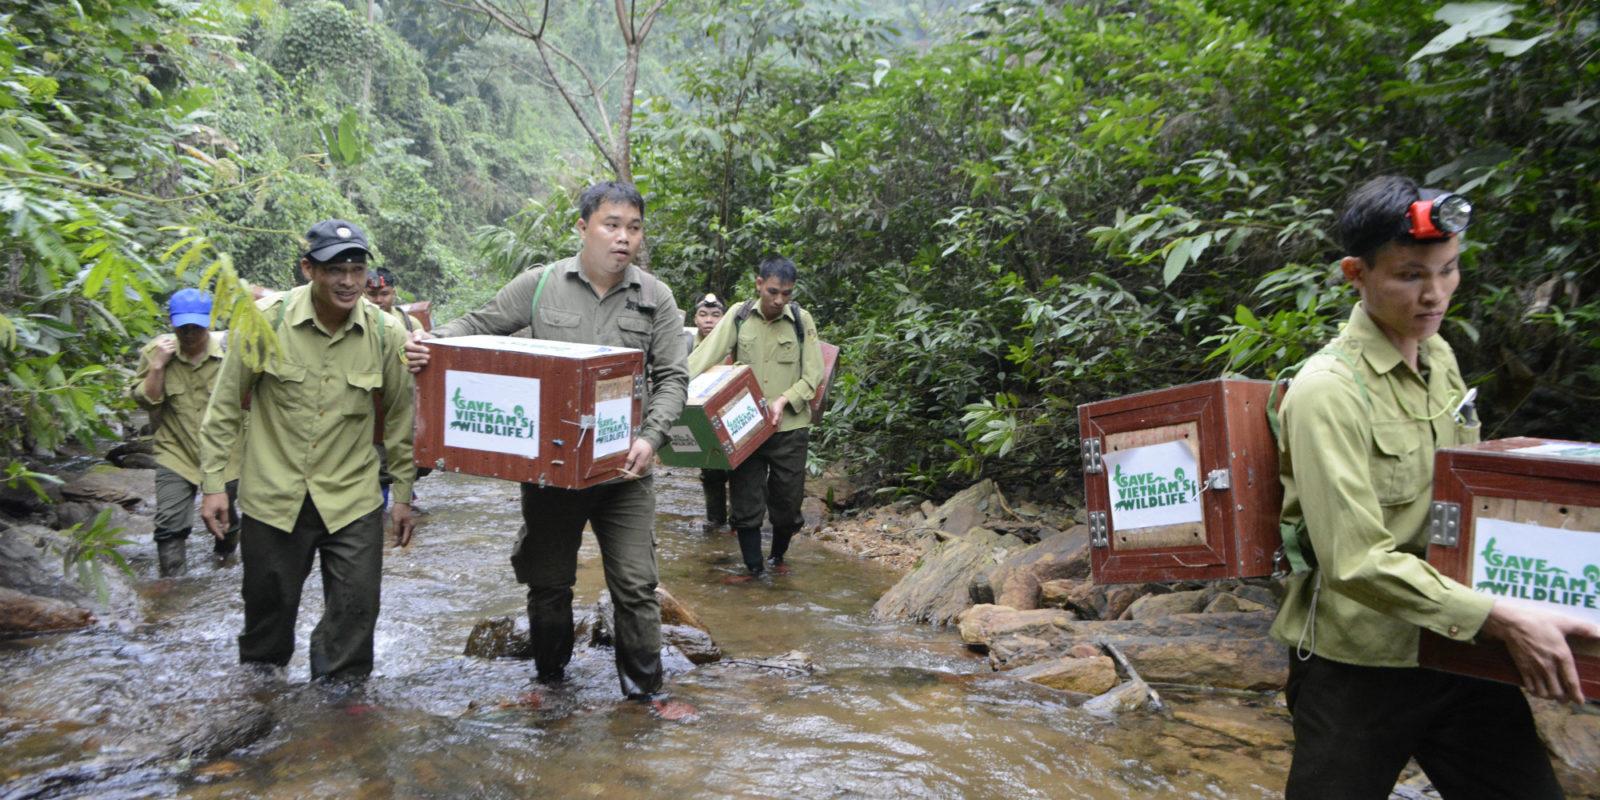 Zurück in den tropischen Regenwald Vietnams geht es für dieses Schuppentier